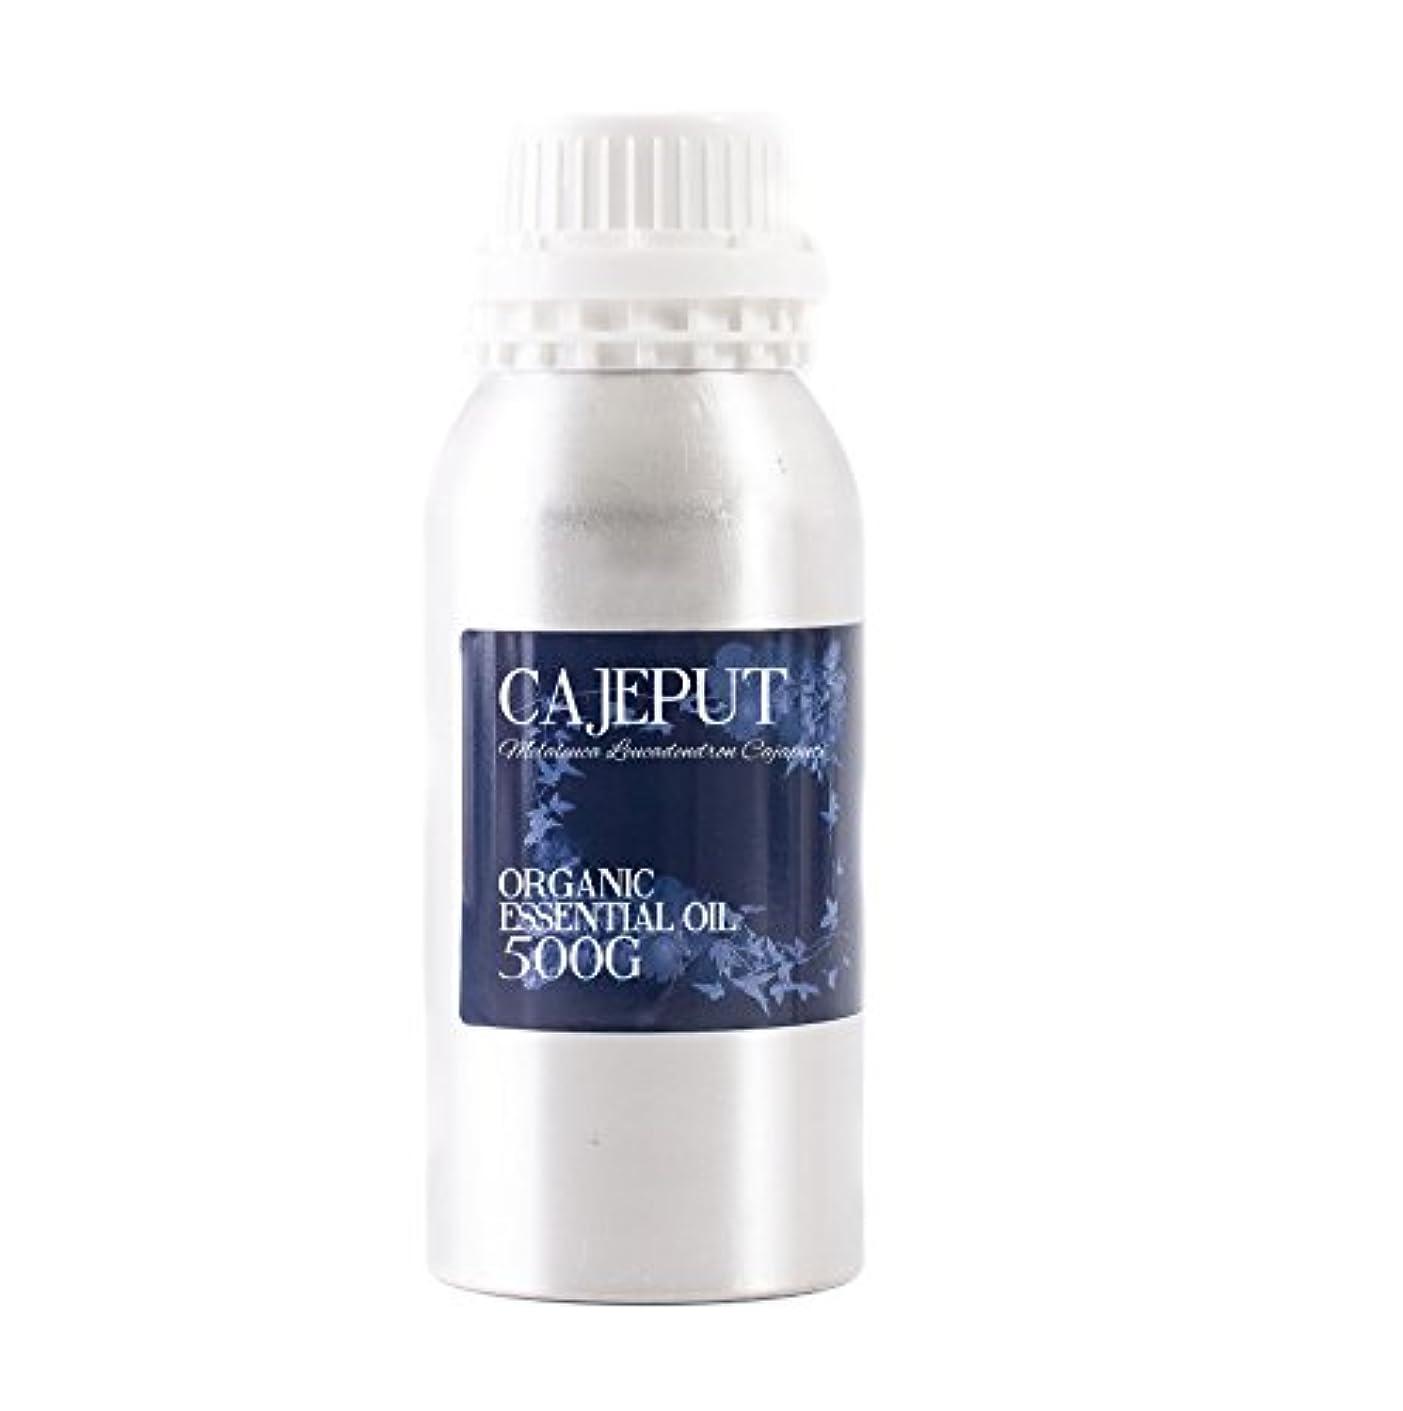 理想的リング統合Mystic Moments | Cajeput Organic Essential Oil - 500g - 100% Pure